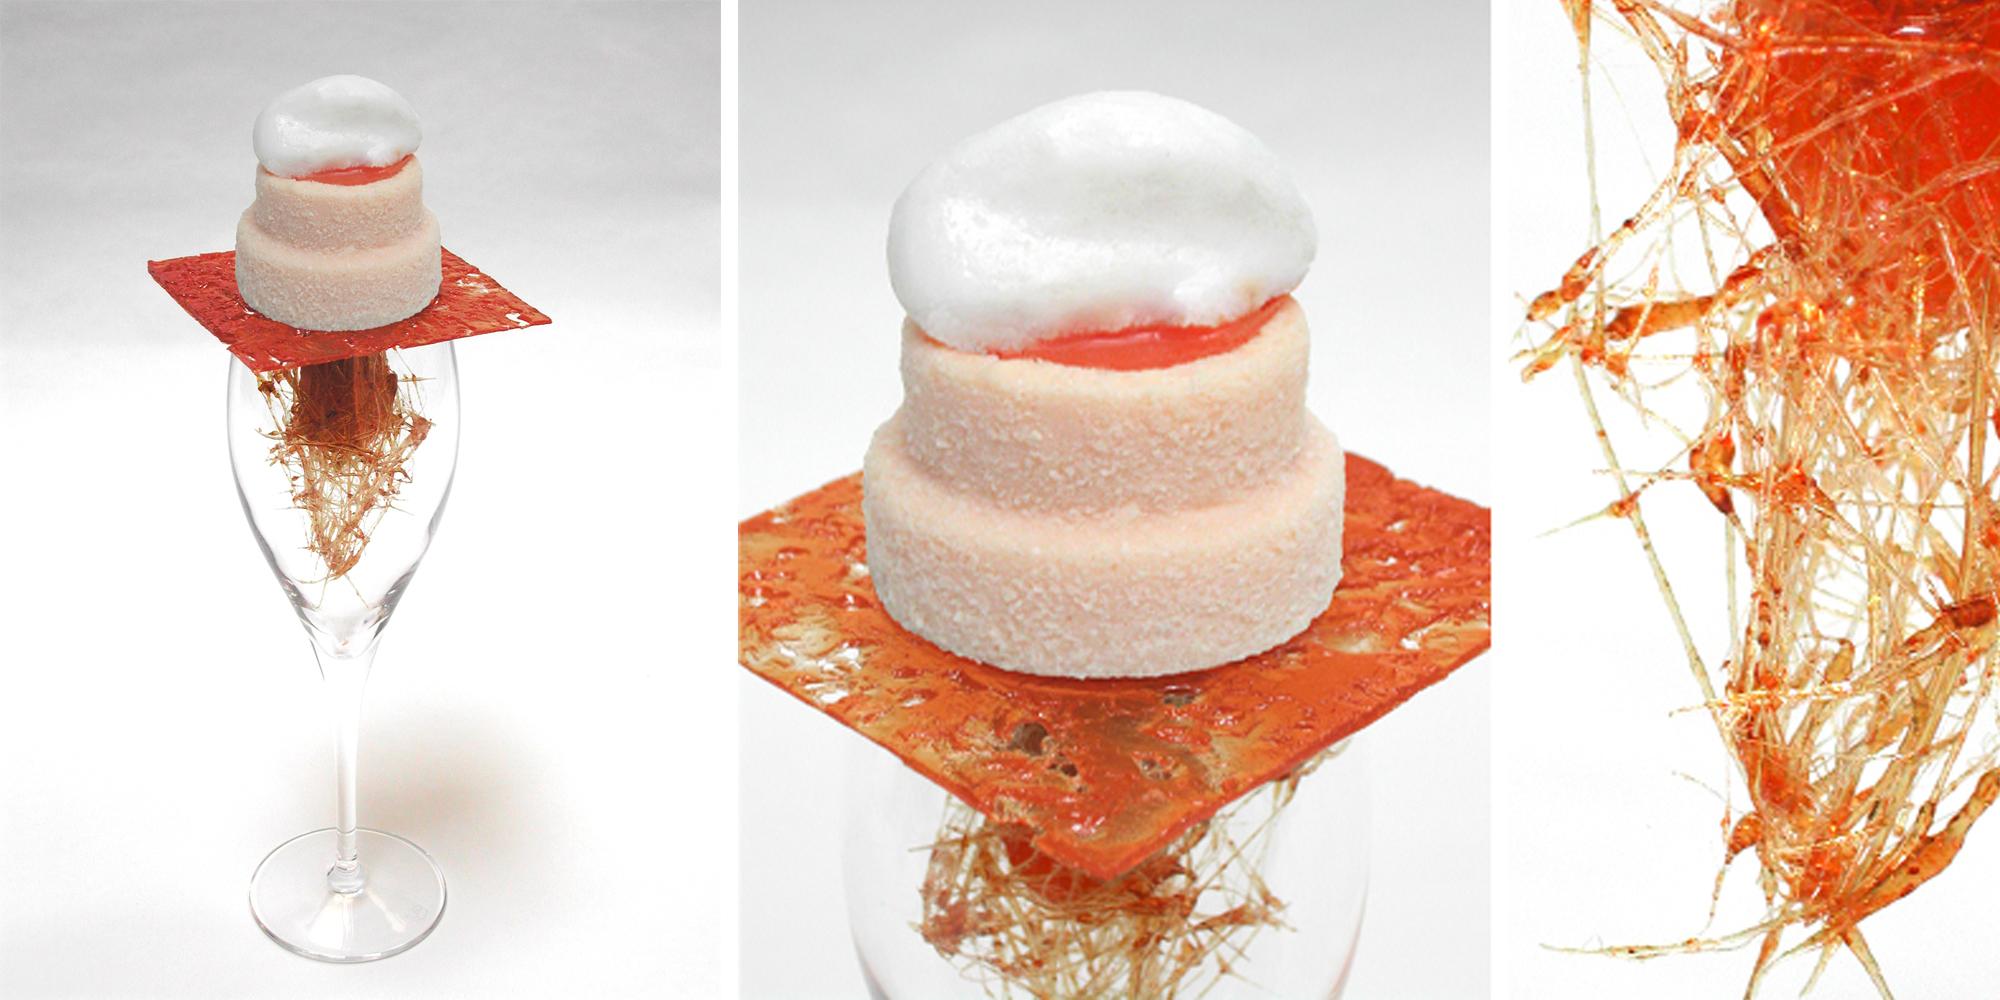 maquette culinaire pour une exposition au Lieu du Design dans le cadre d'un projet pour les Champagne Veuve Clicquot